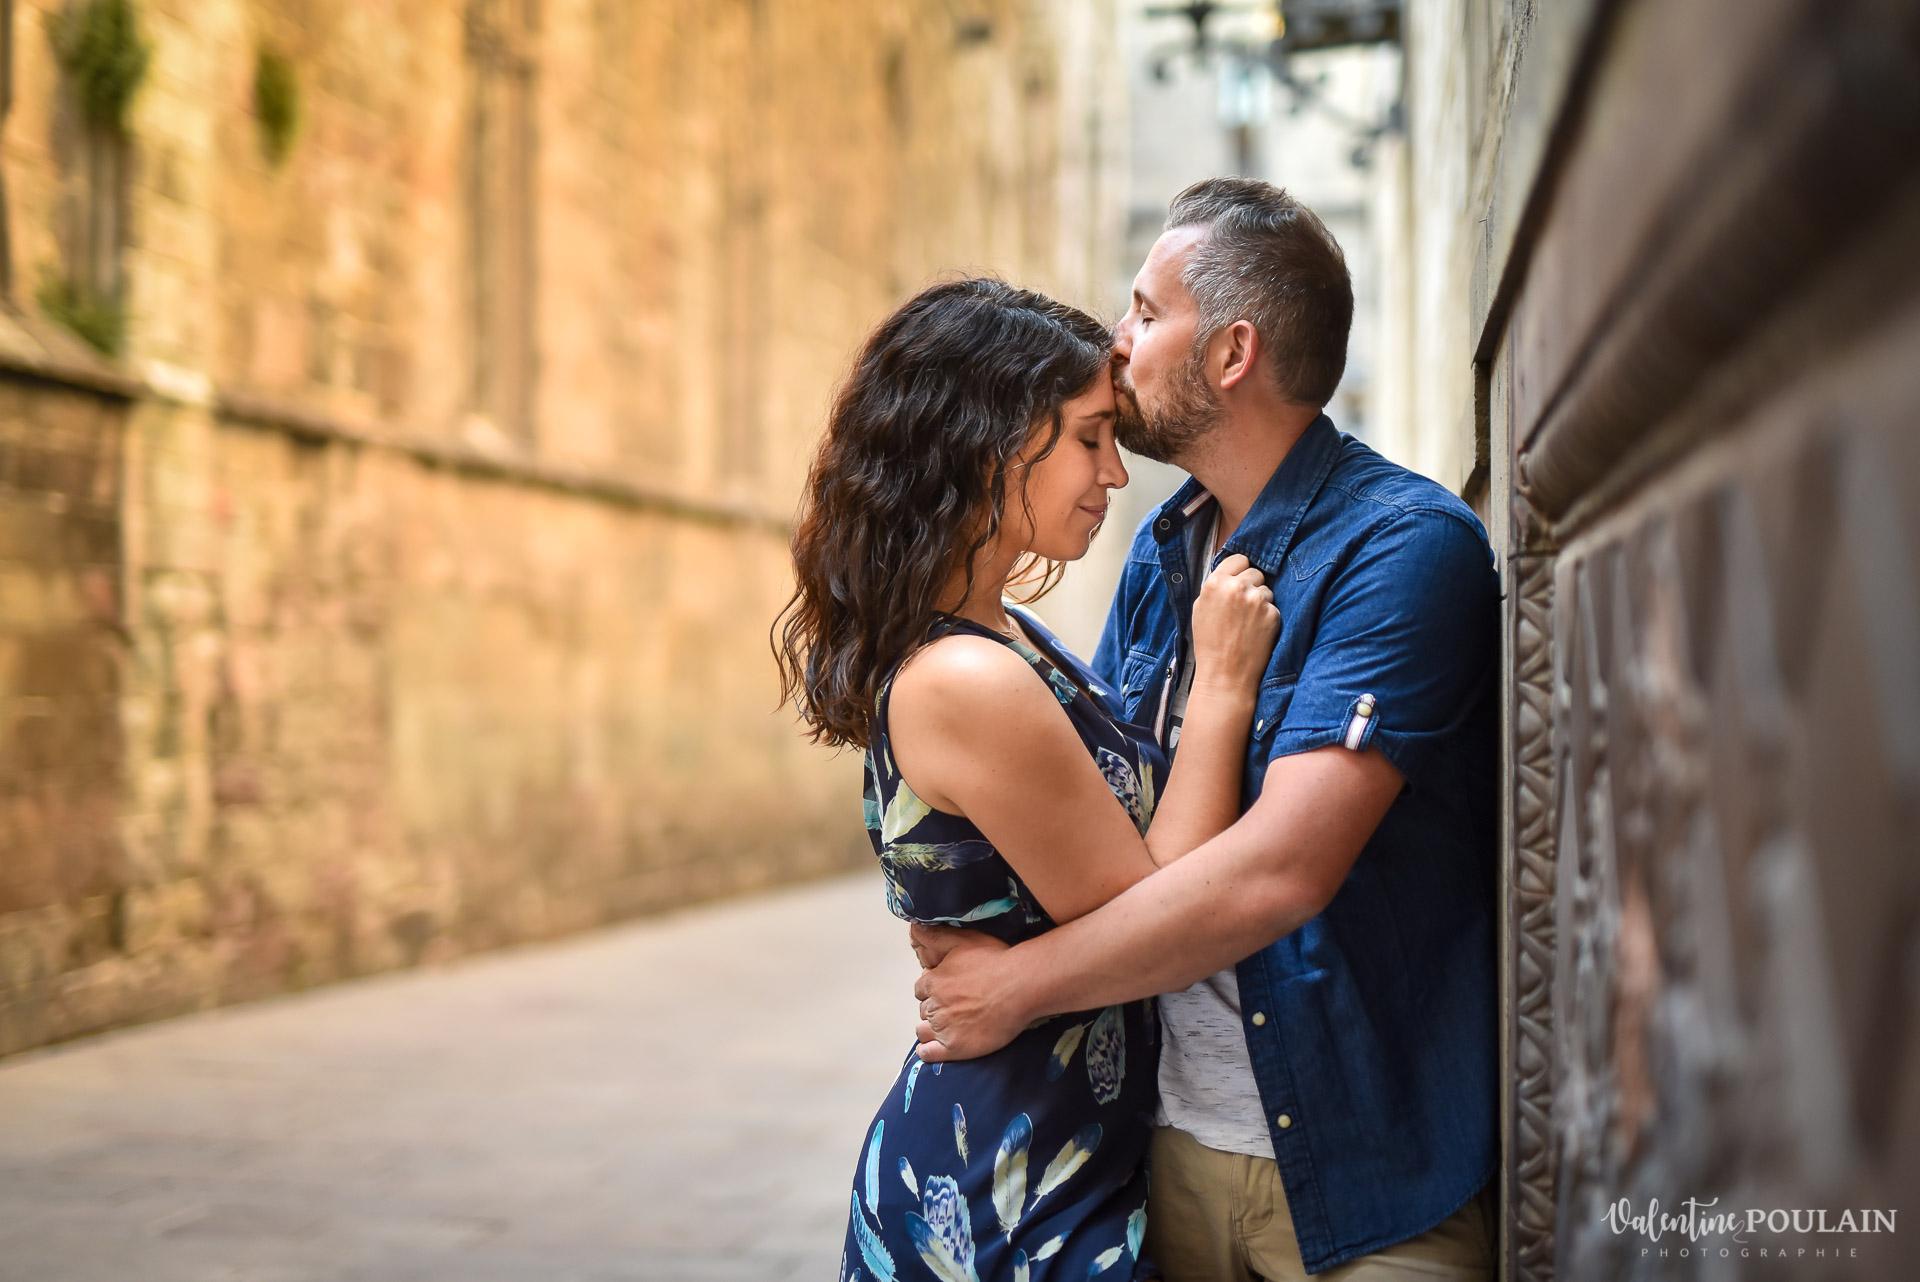 Séance photo couple Barcelone - Valentine Poulain bisou front